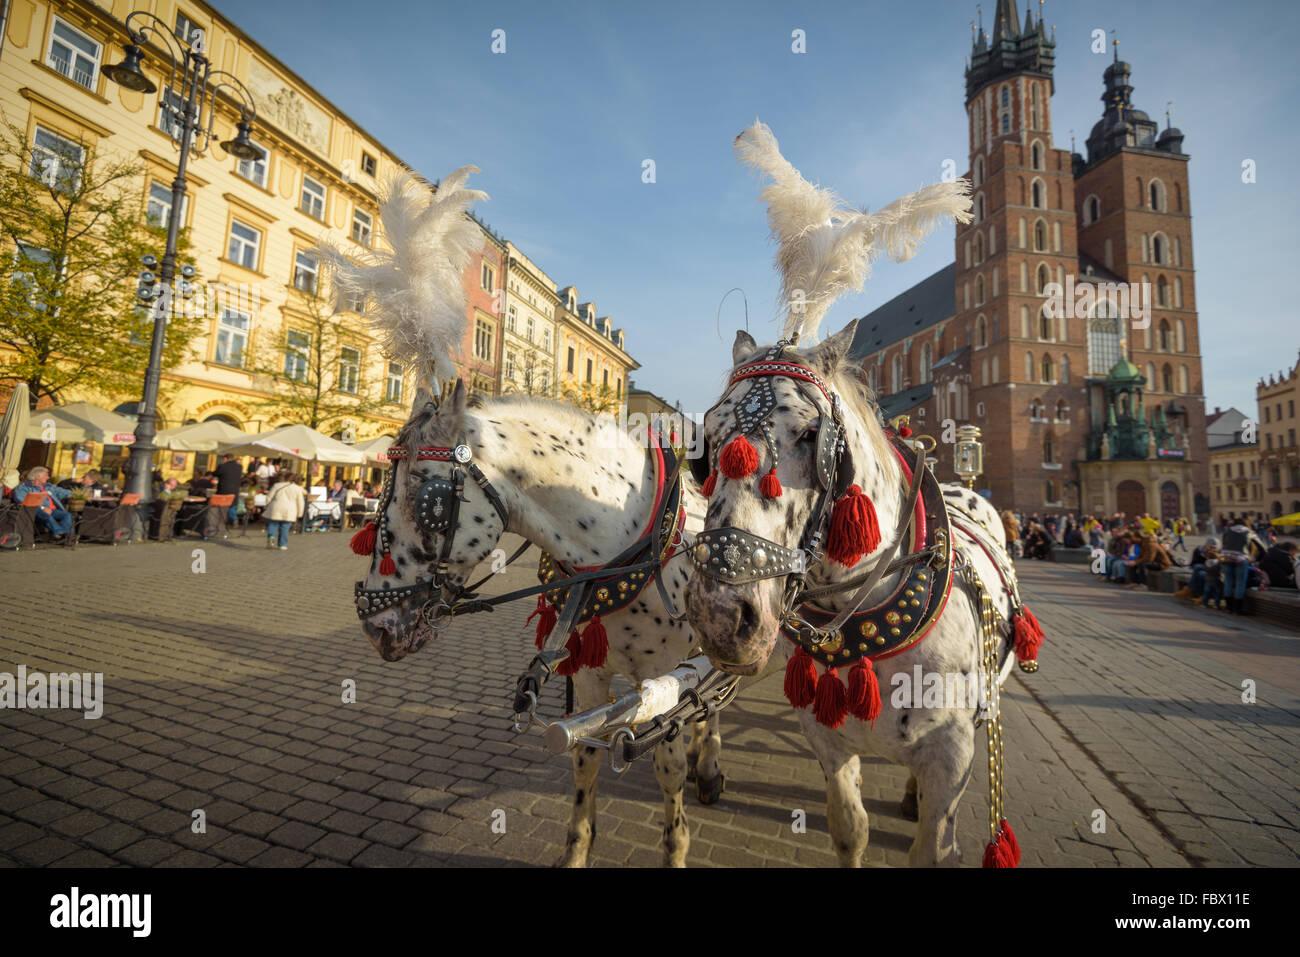 Cracovia in Polonia - 13 Novembre 2015: carrozze alla piazza principale di Cracovia in una giornata autunnale, Polonia Immagini Stock